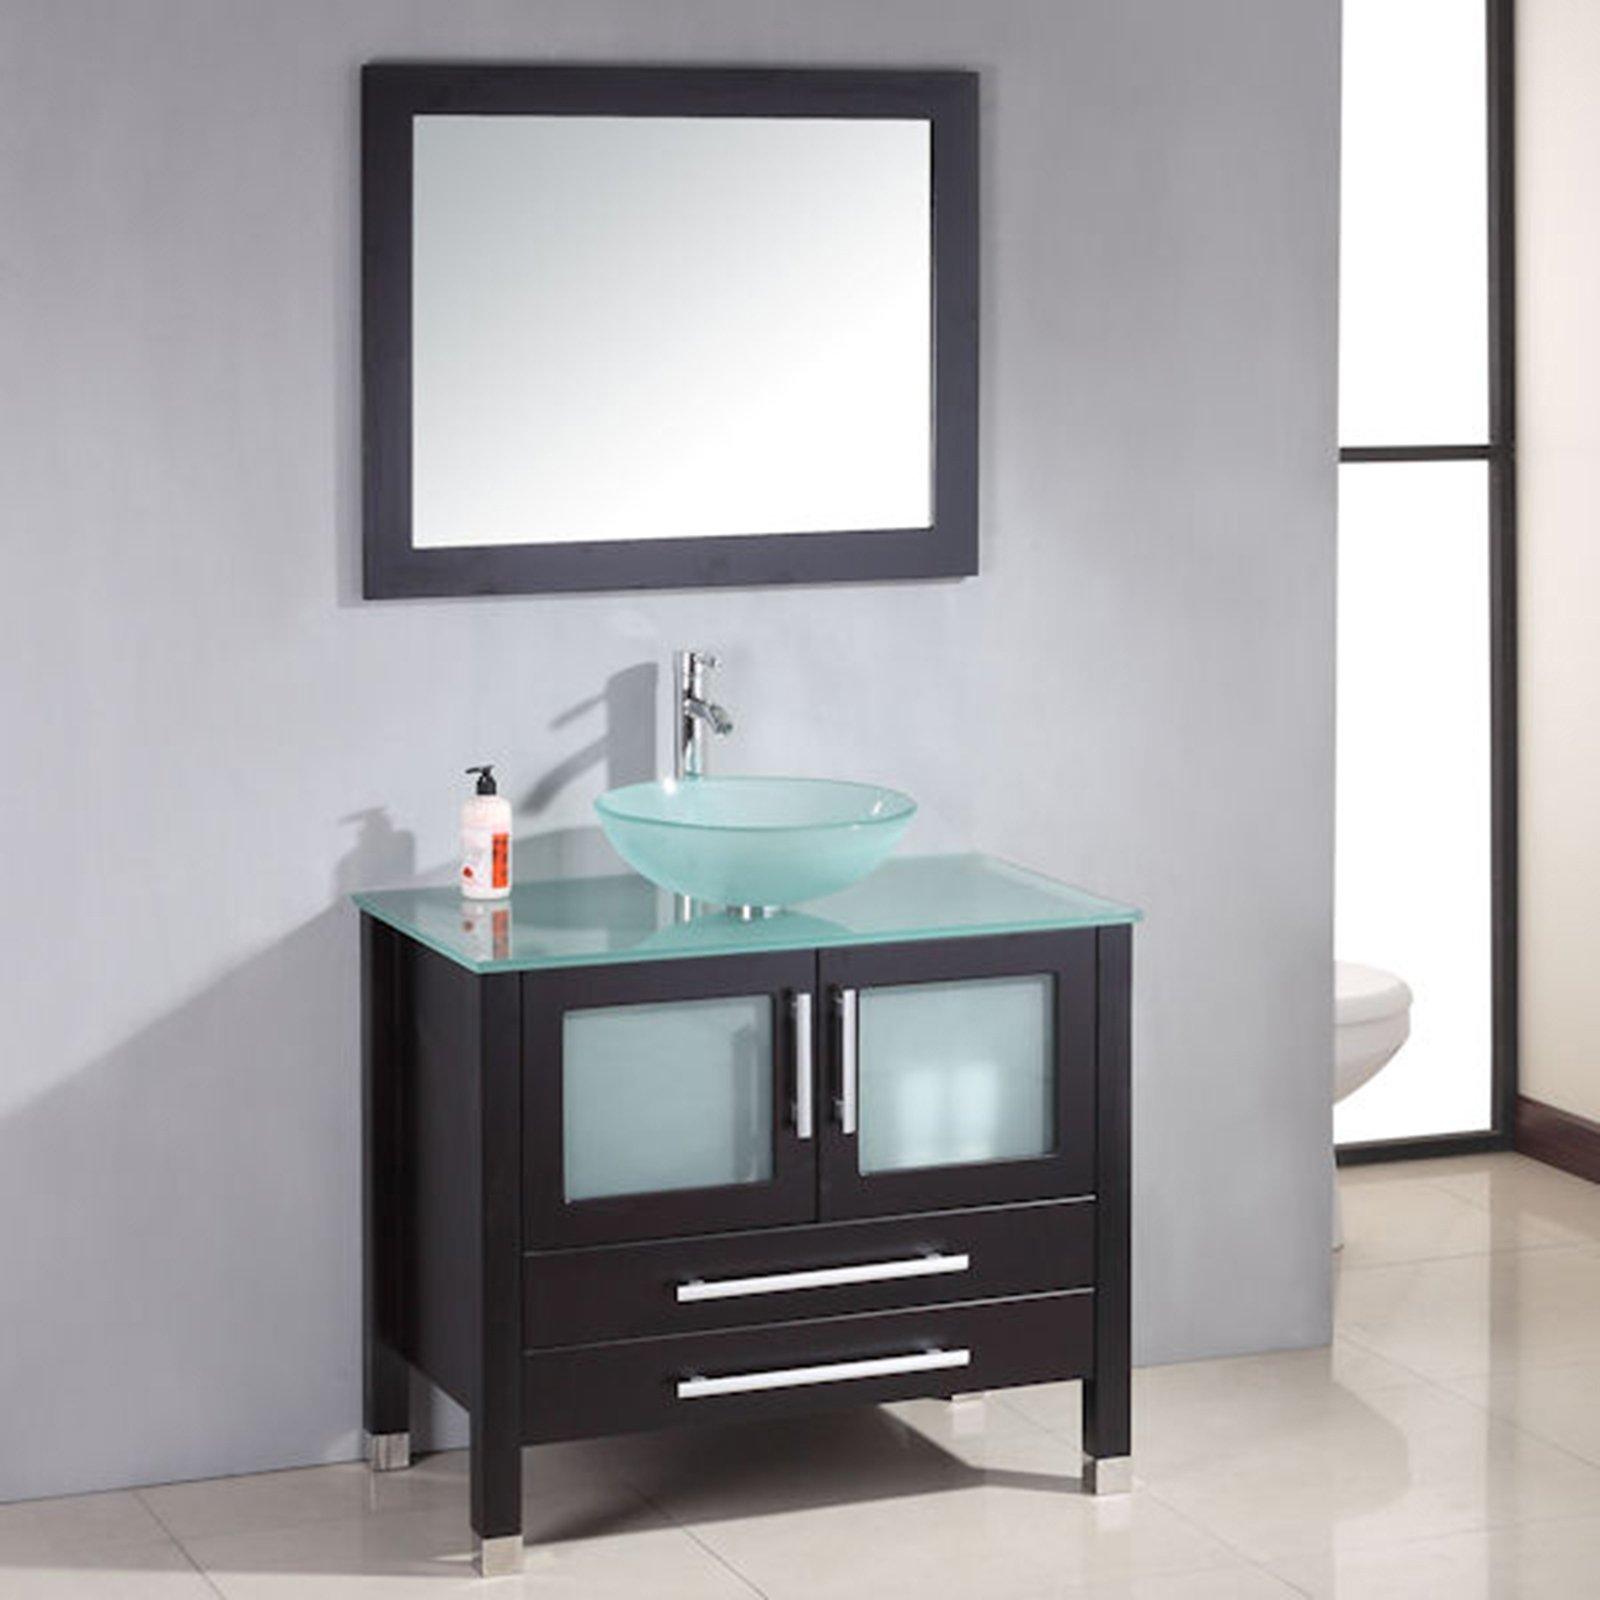 36 Inch Espresso Solid Wood Glass Vessel Sink Set- ''Mercer'' (Brushed Nickel Faucet)